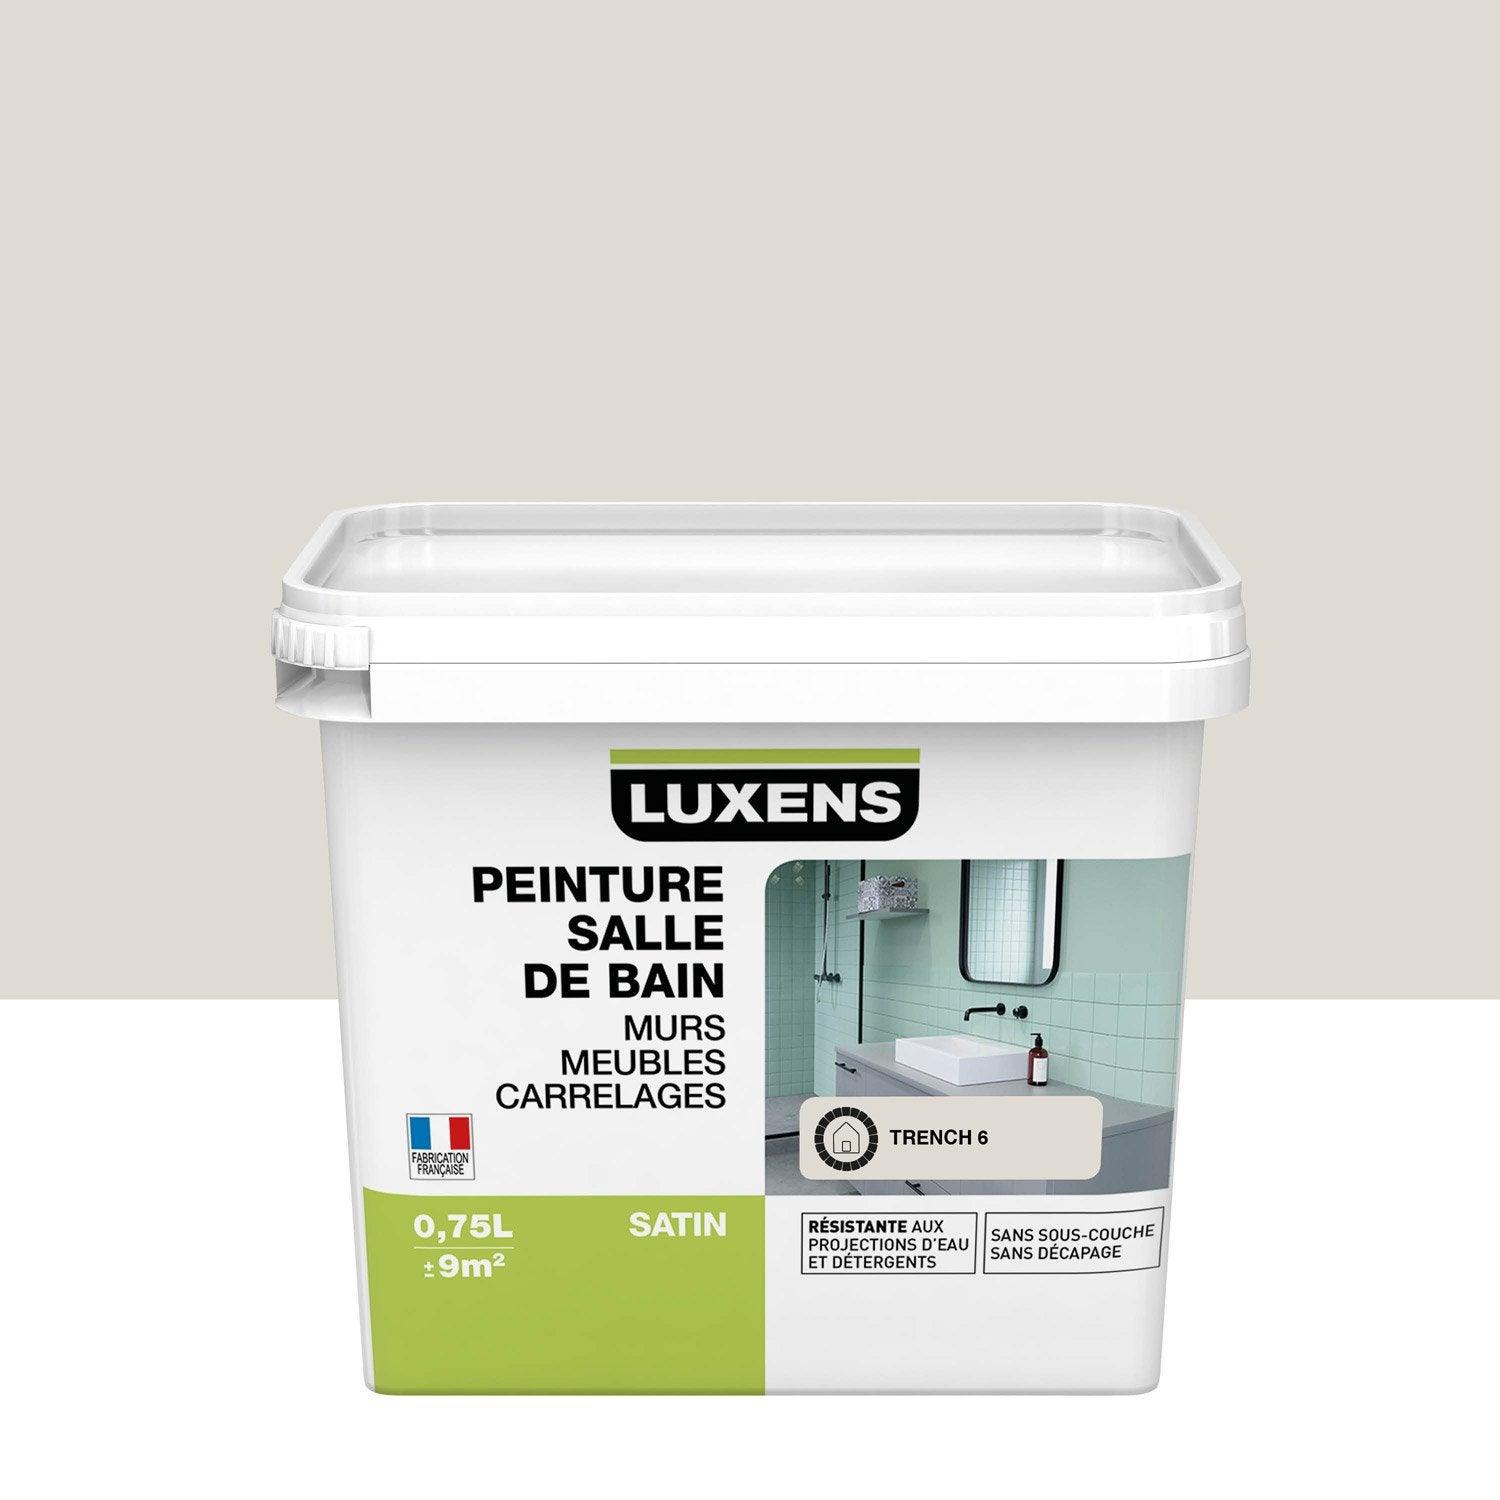 Peinture salle de bain murs, meubles, carrelages LUXENS, trench 6, 0.75 l, satin